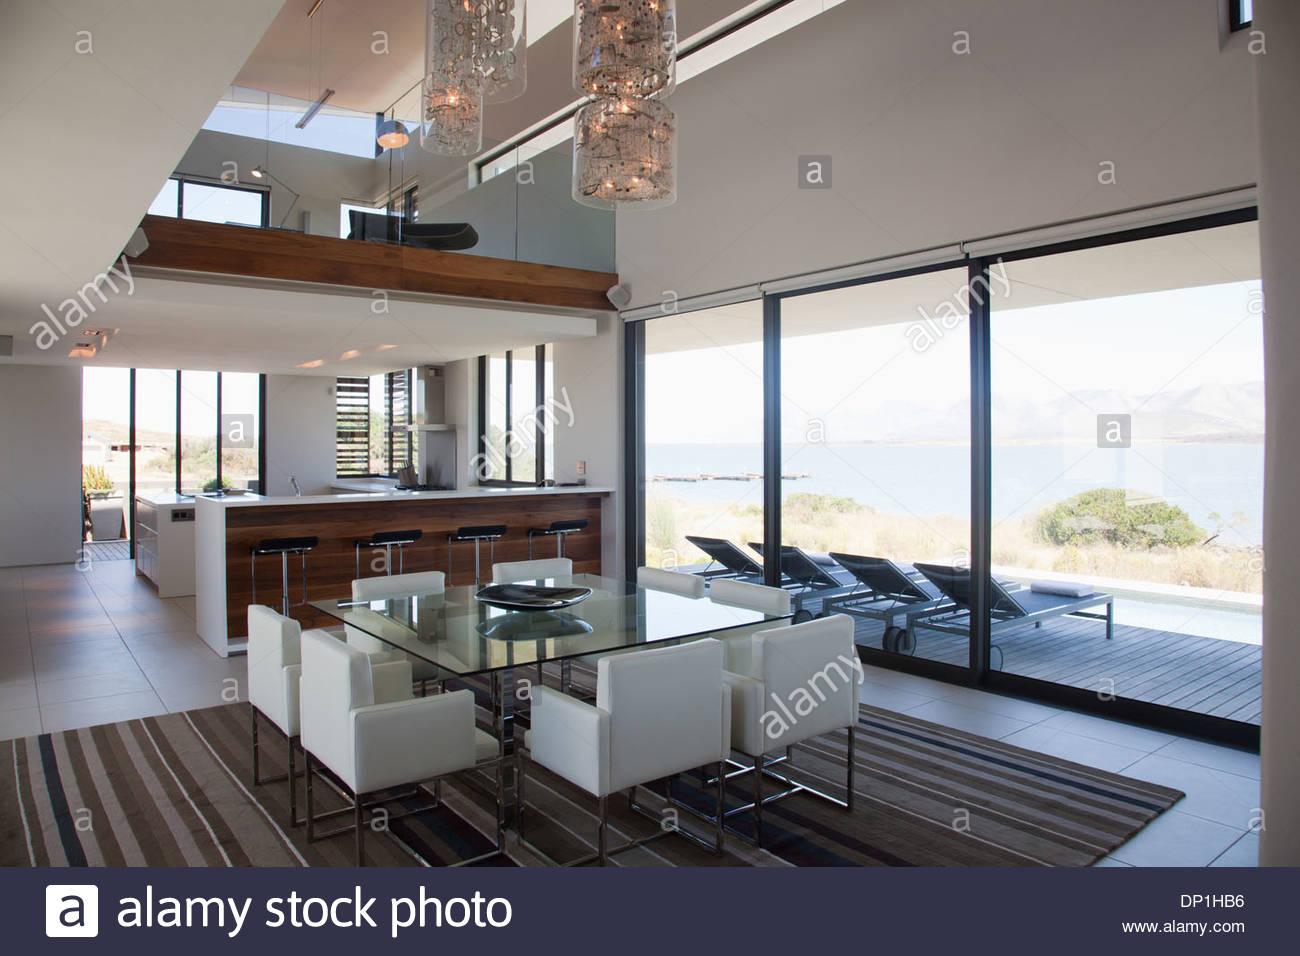 La sala da pranzo e piano aperto in casa moderna Immagini Stock